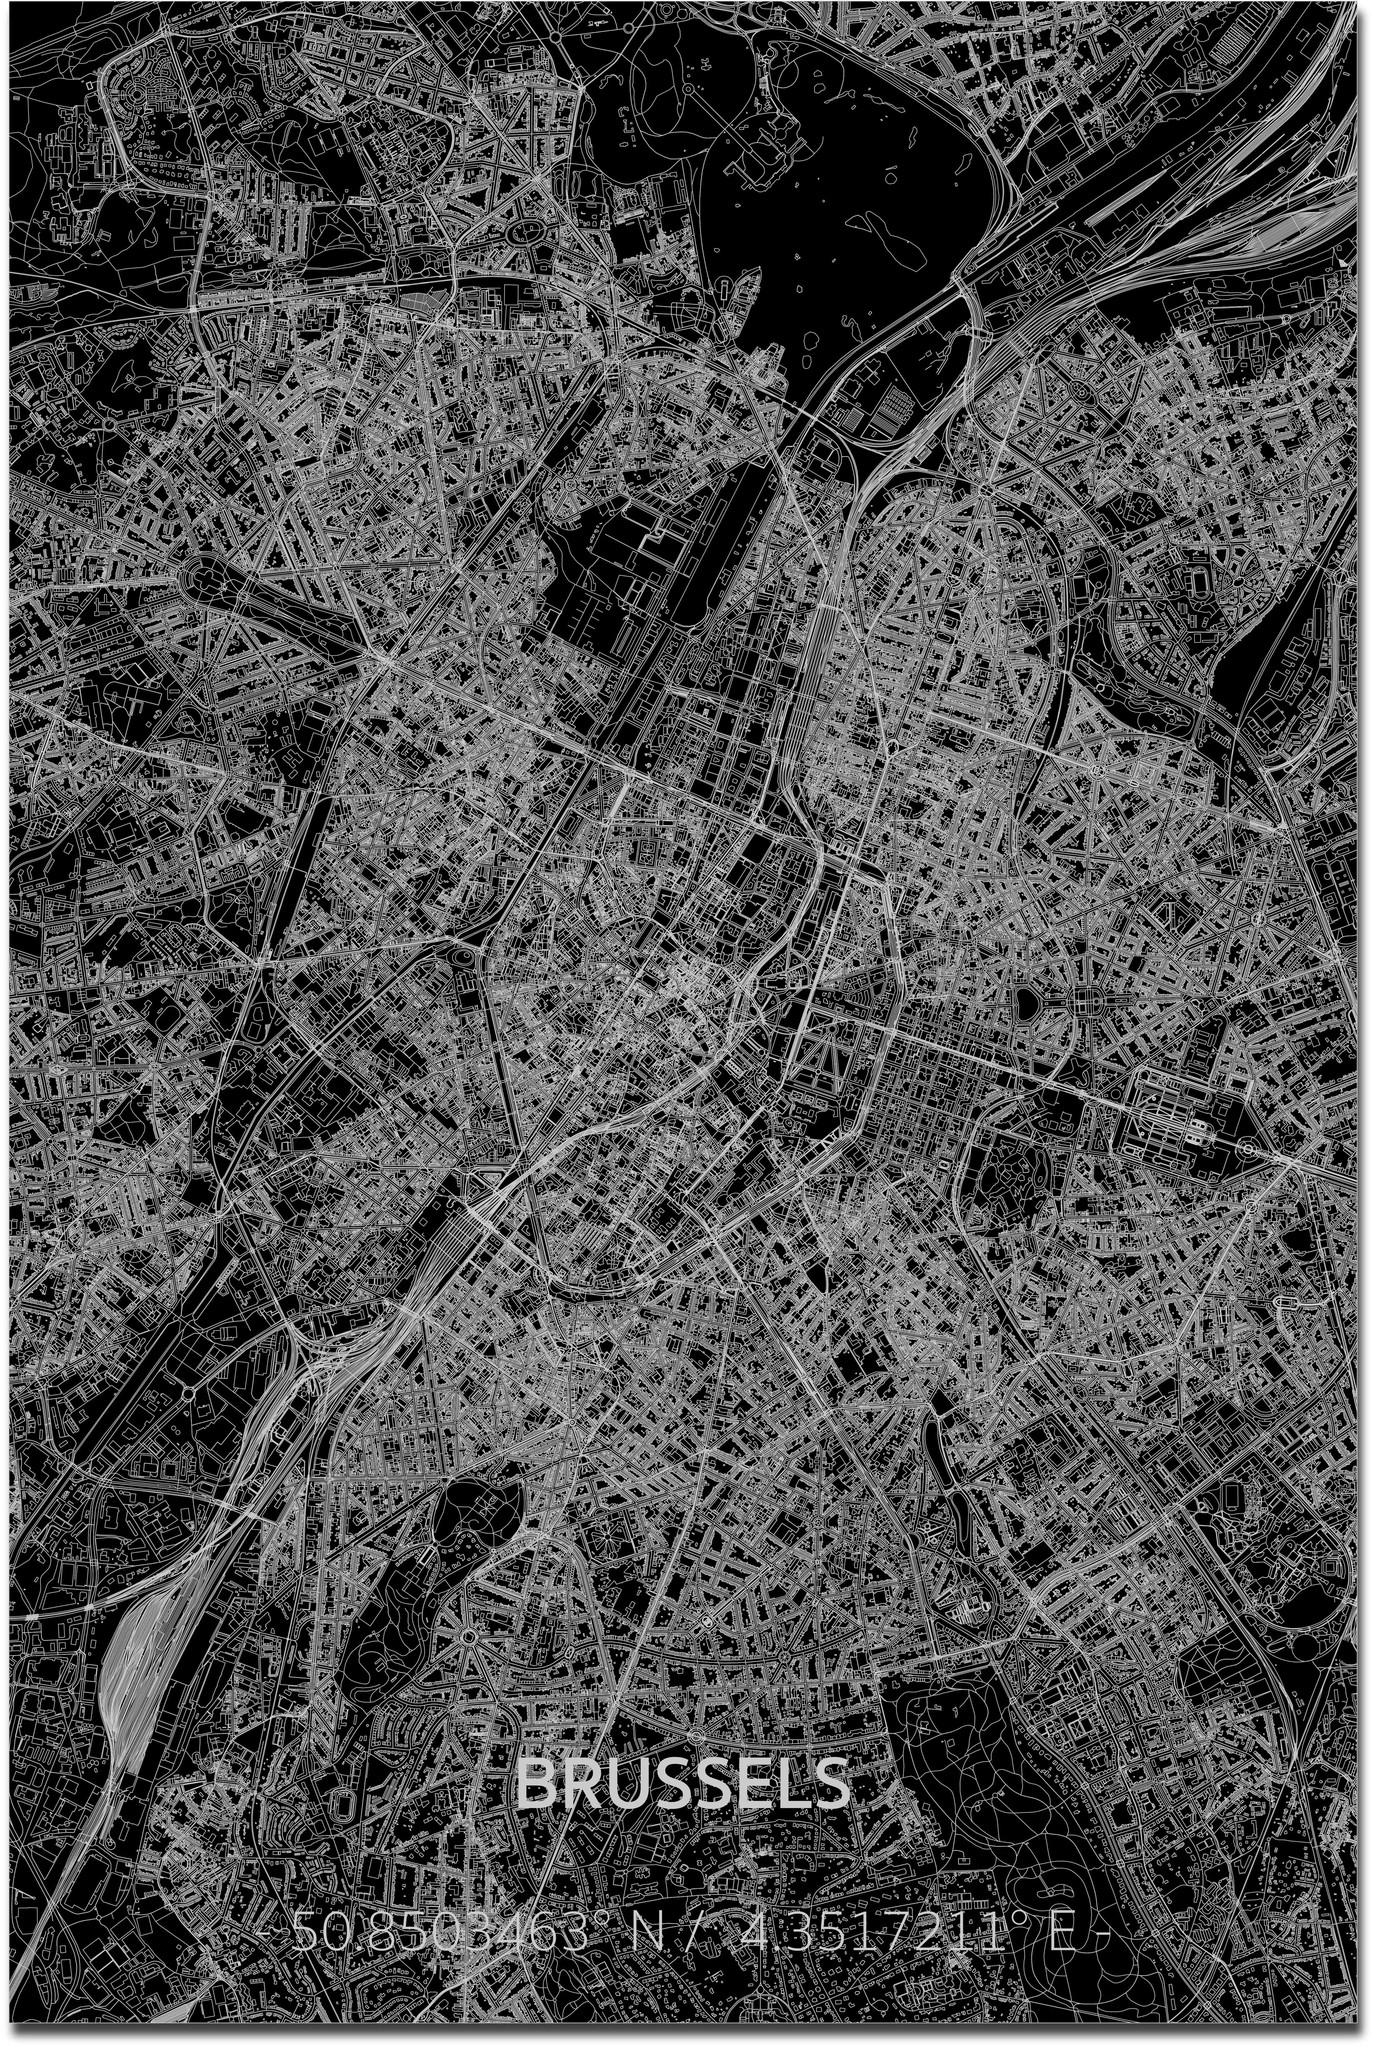 Citymap Brussels XL | Aluminum wall decoration-1